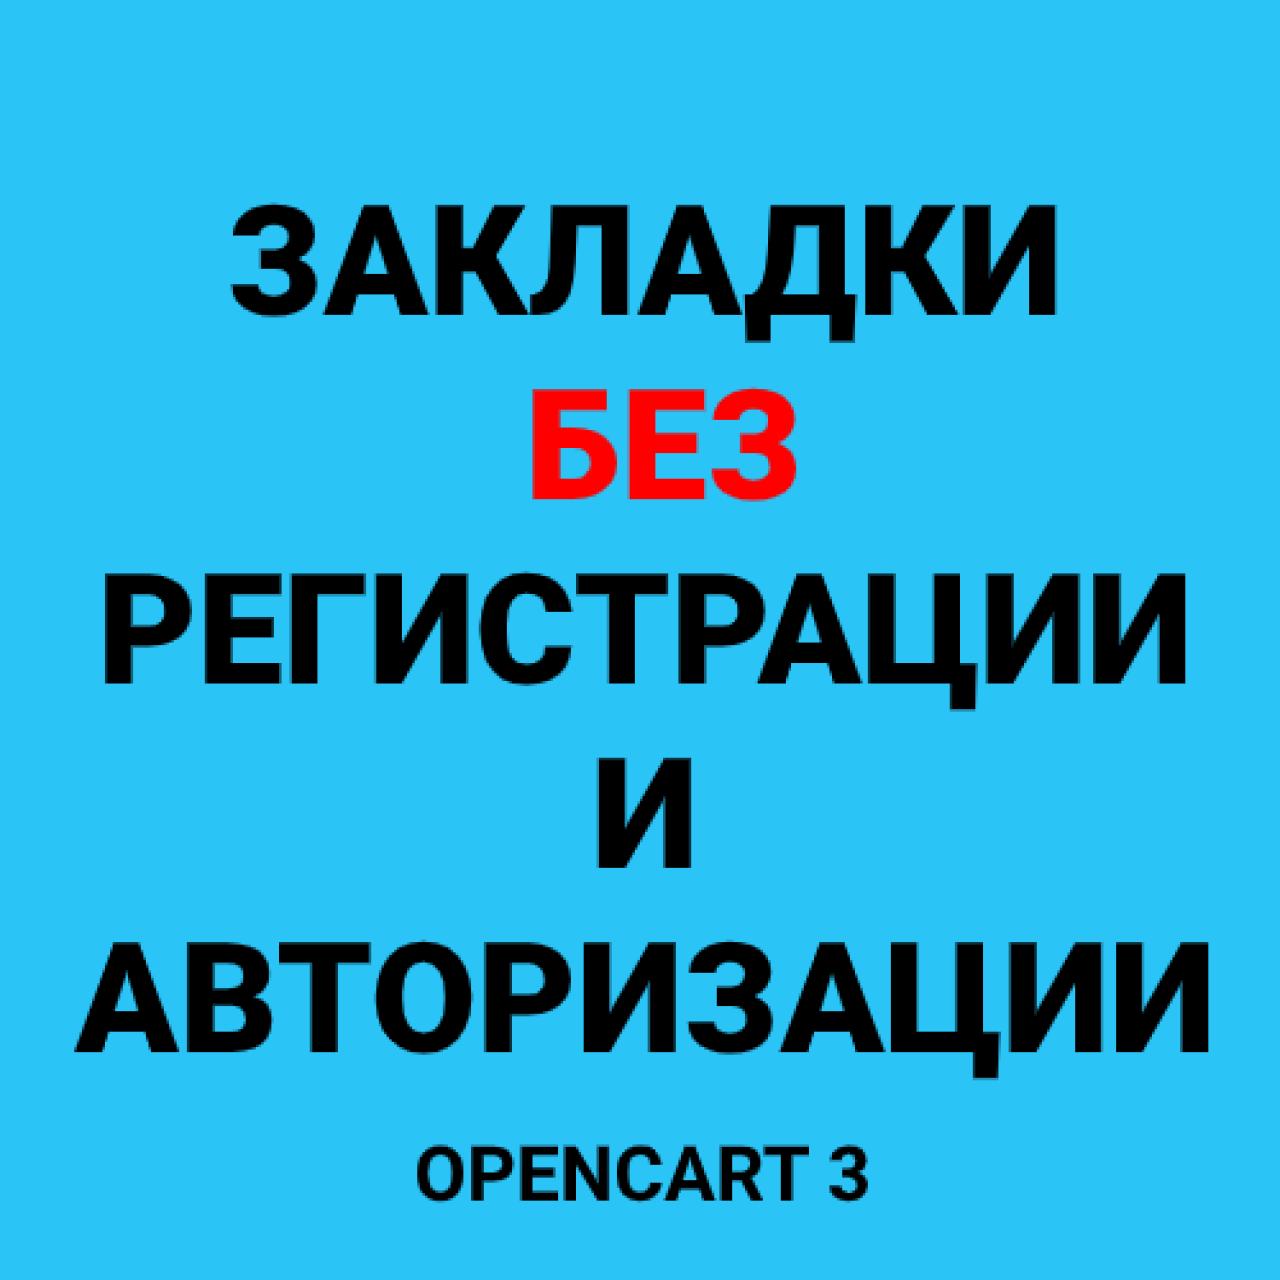 Закладки без регистрации и авторизации (opencart 3) из категории Сравнения, закладки для CMS OpenCart (ОпенКарт)